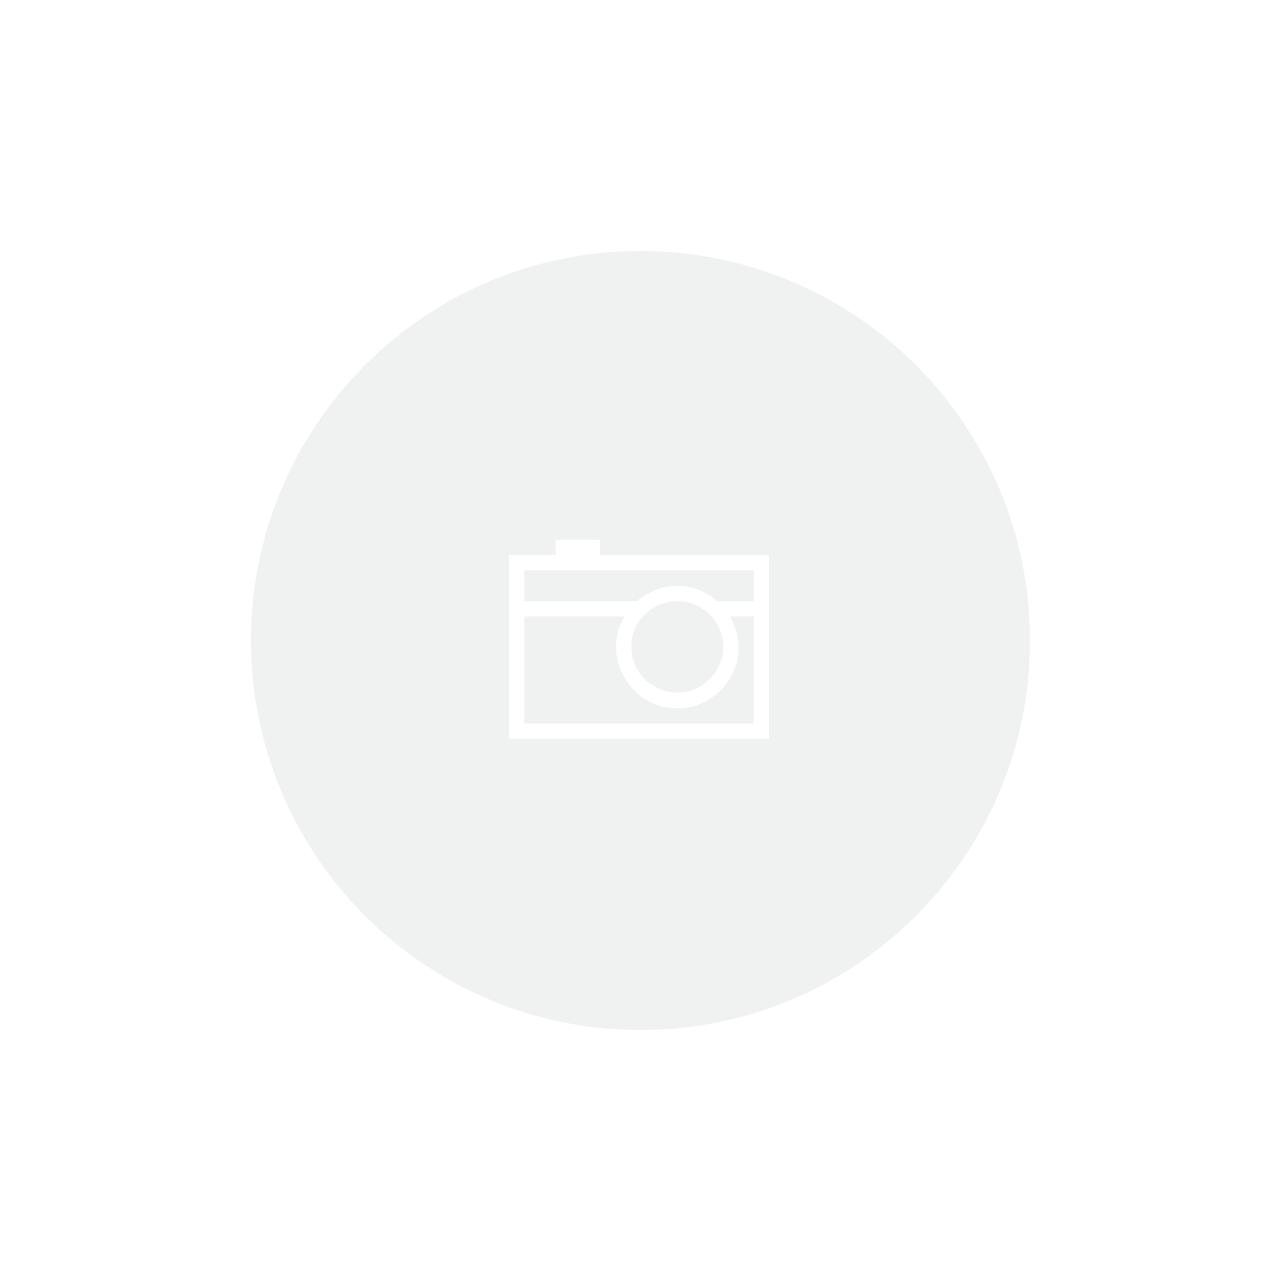 Coifa de Parede em Aco Inox New Dritta 60cm 220v Tramontina